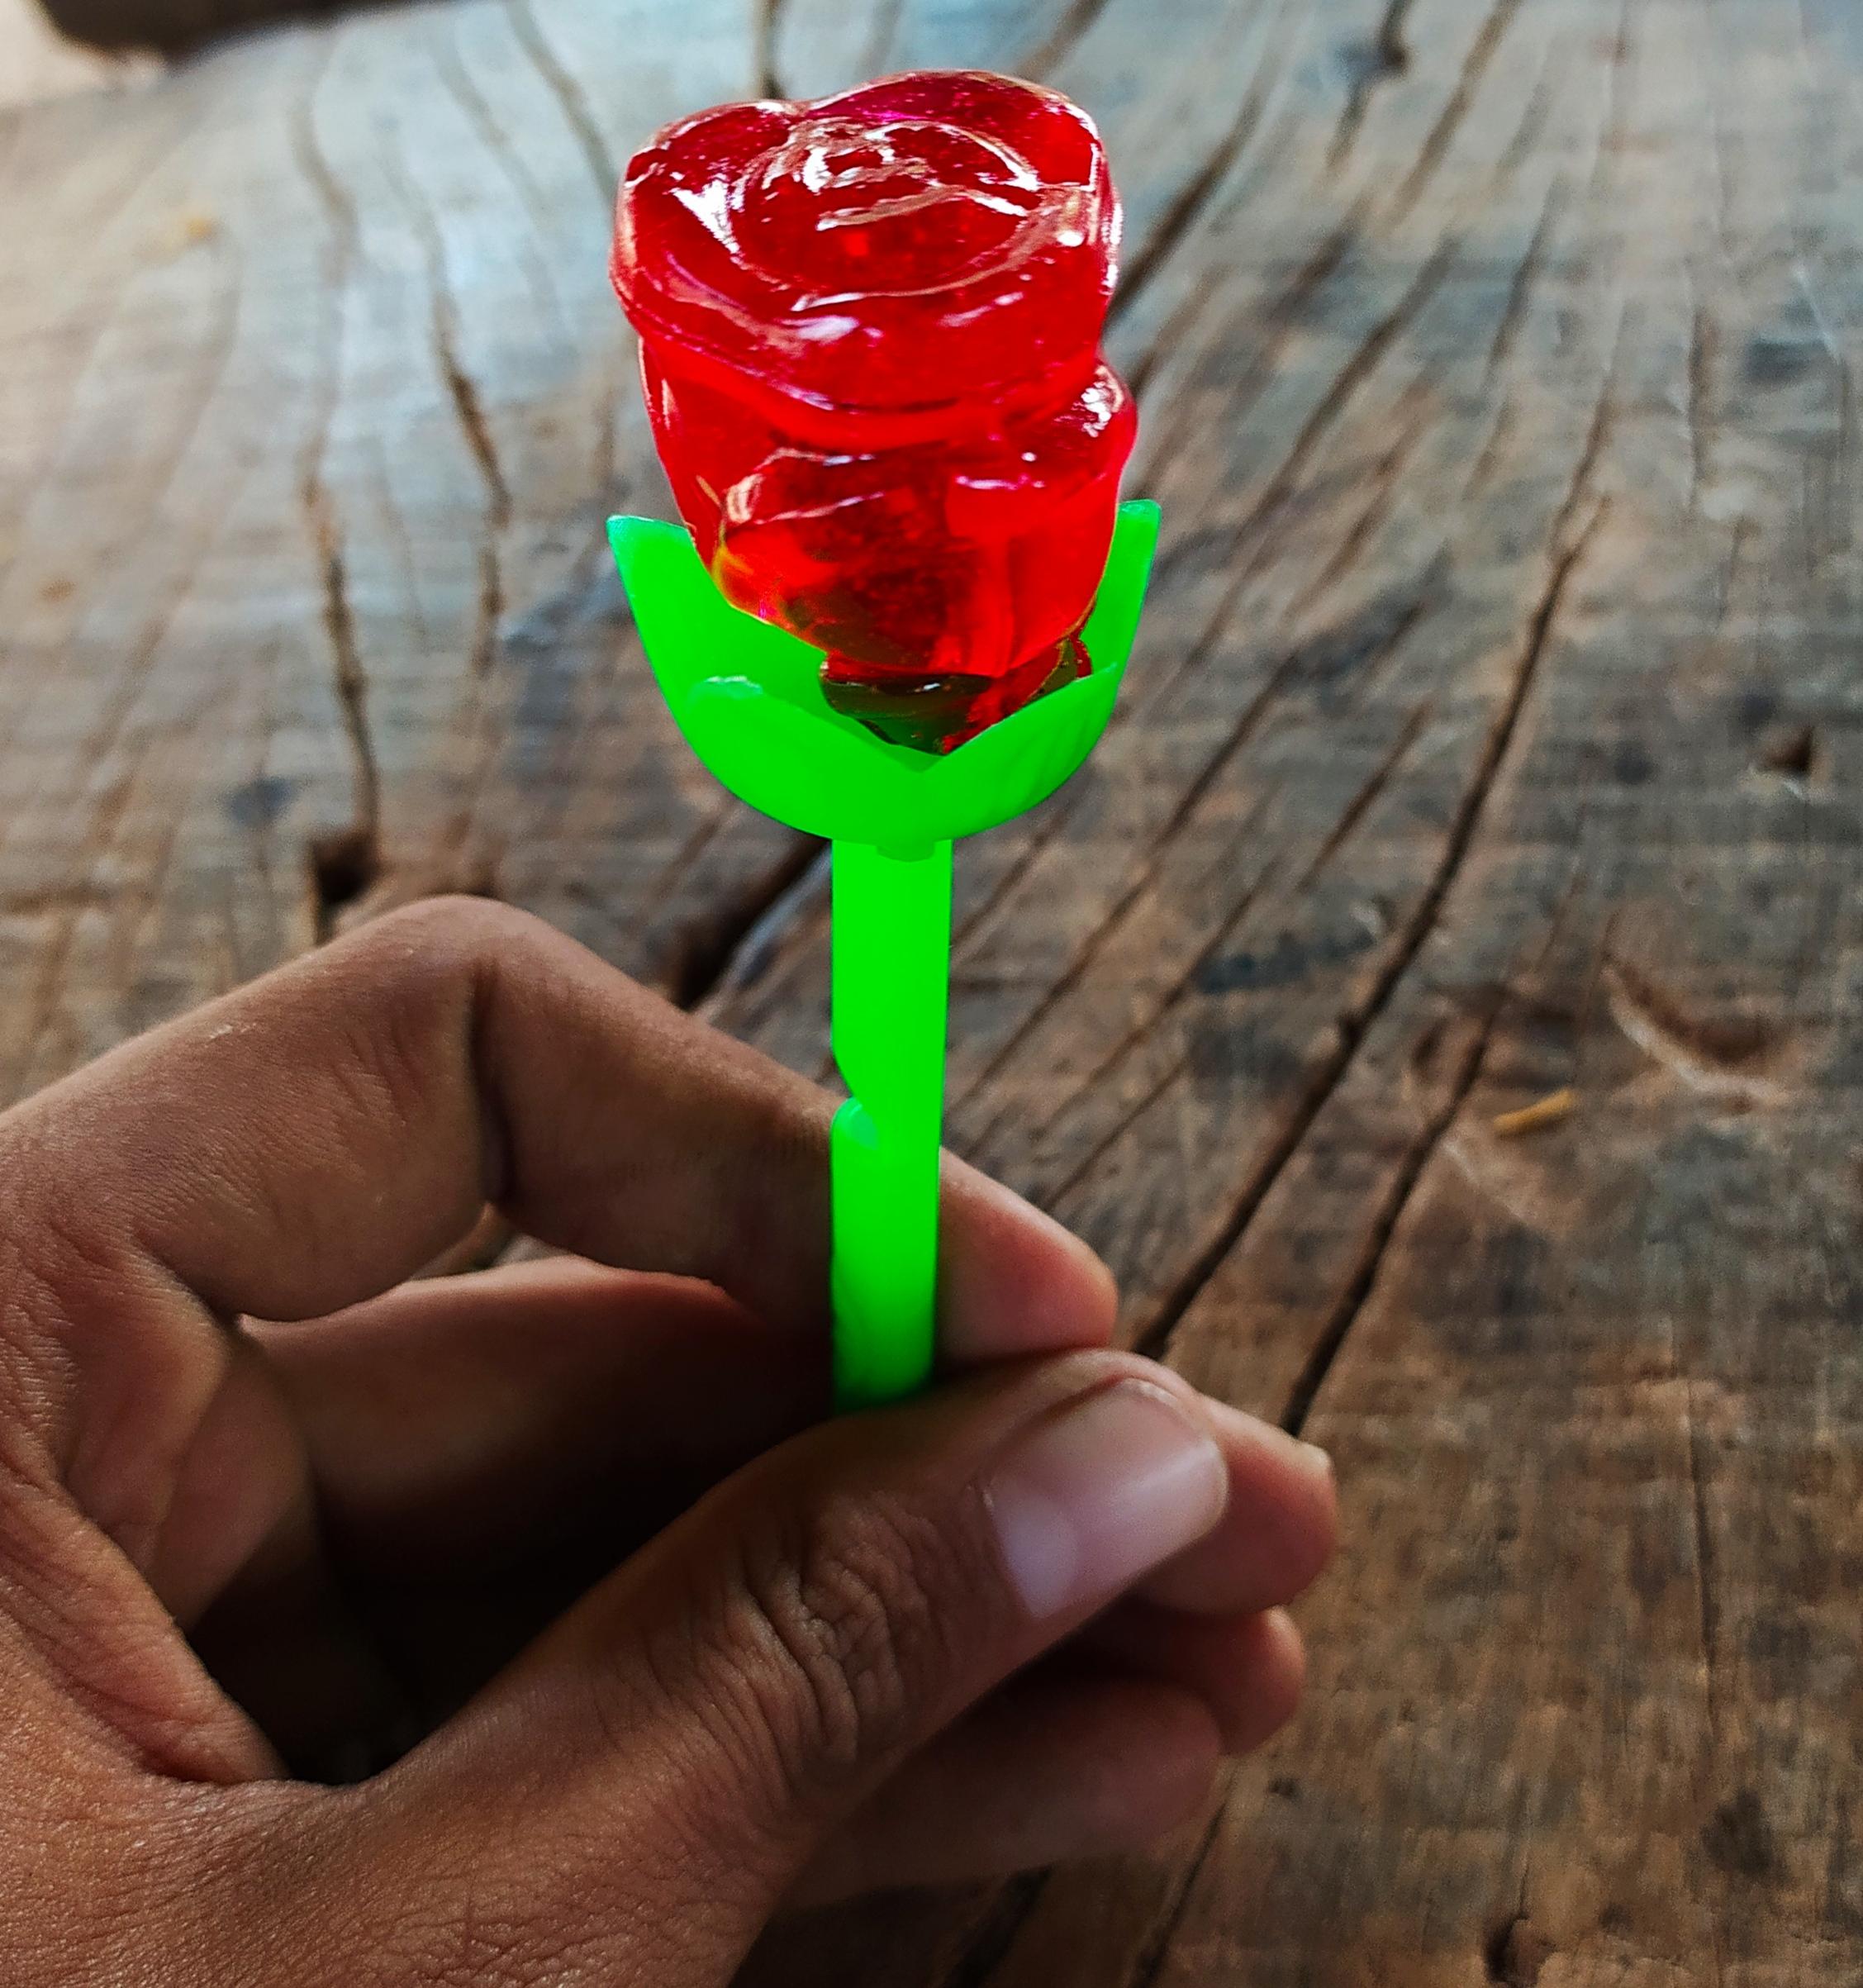 A lollipop in hand